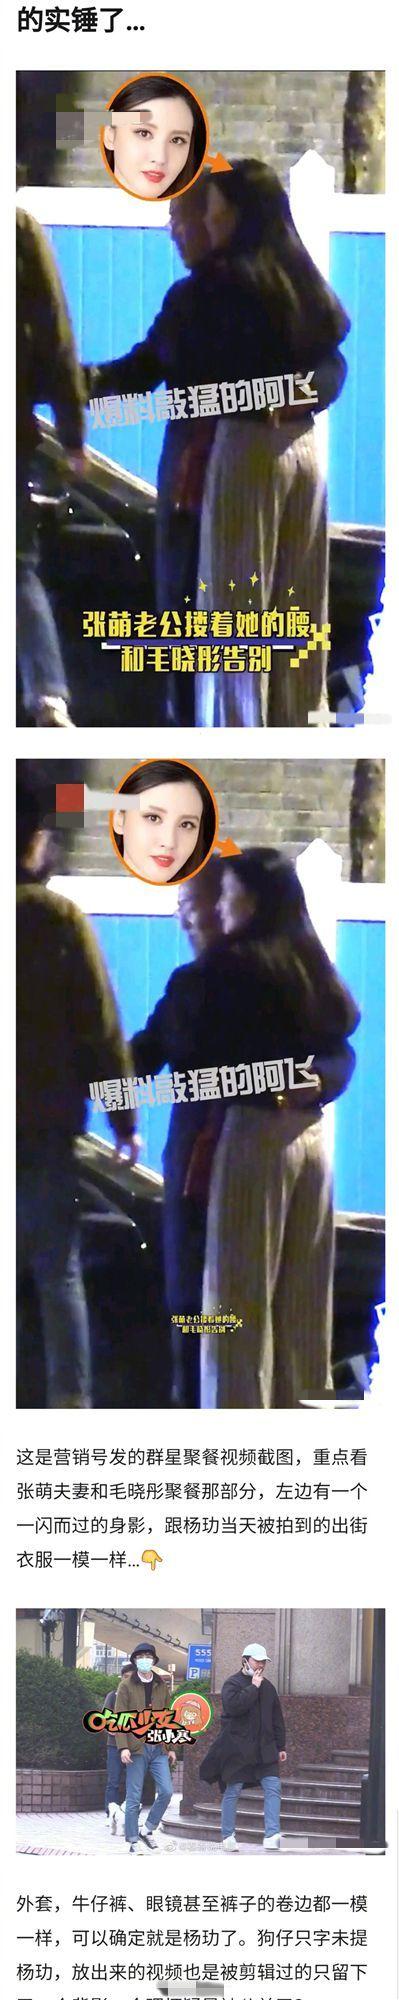 恋情实锤?毛晓彤杨玏被曝一同聚餐疑用情侣头像